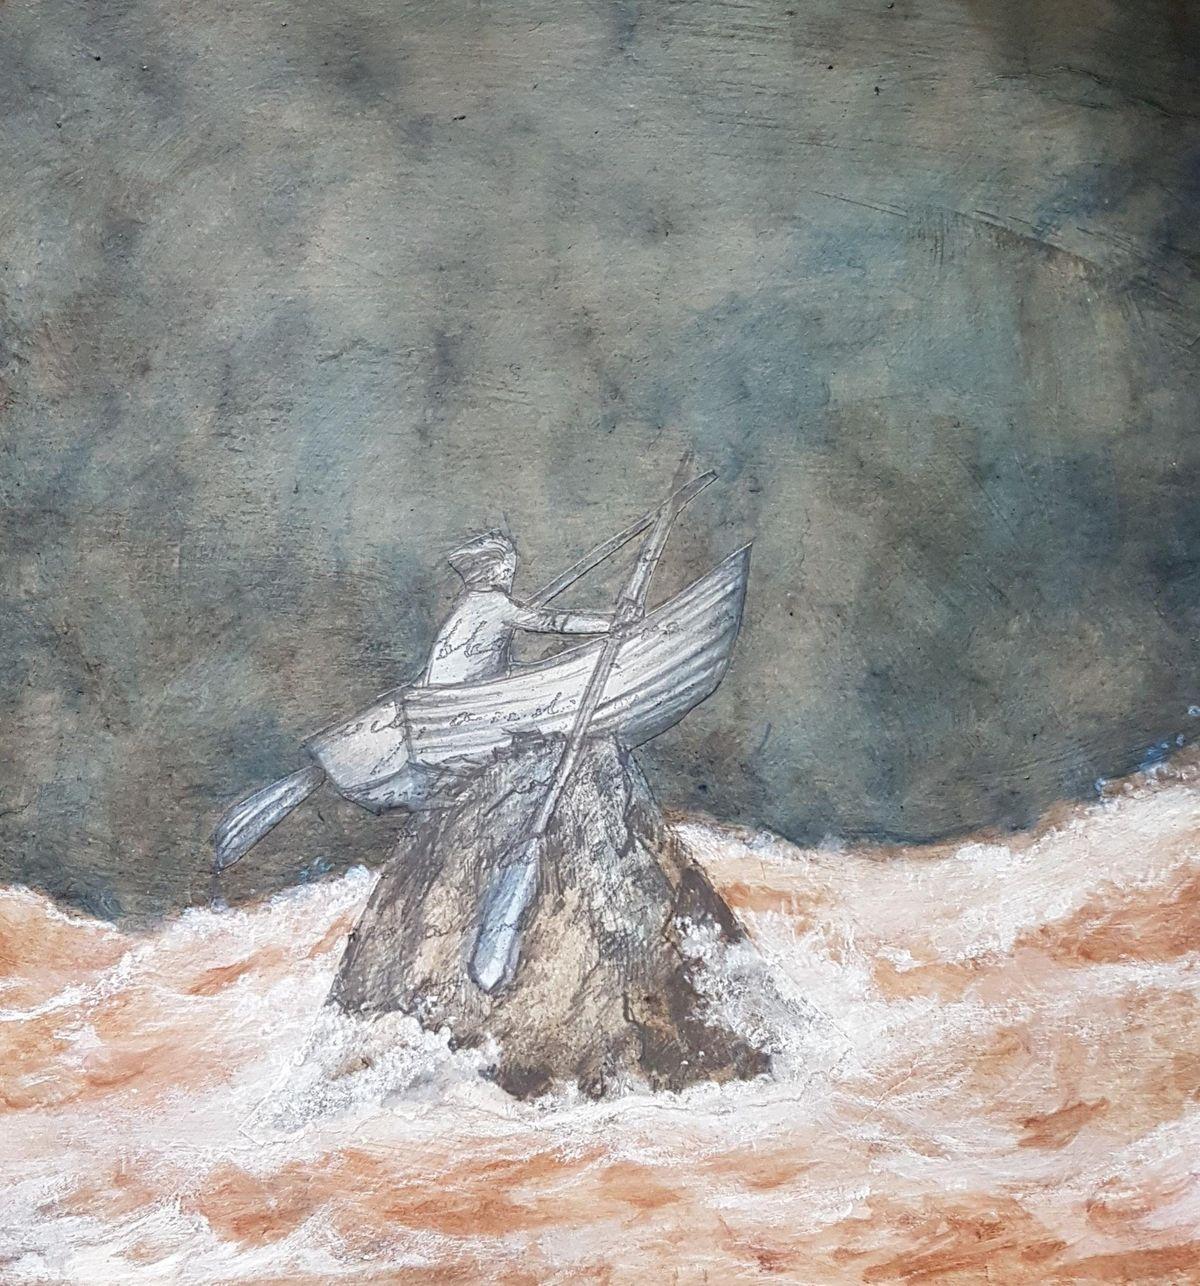 Exhibition A Shipwrecked Life